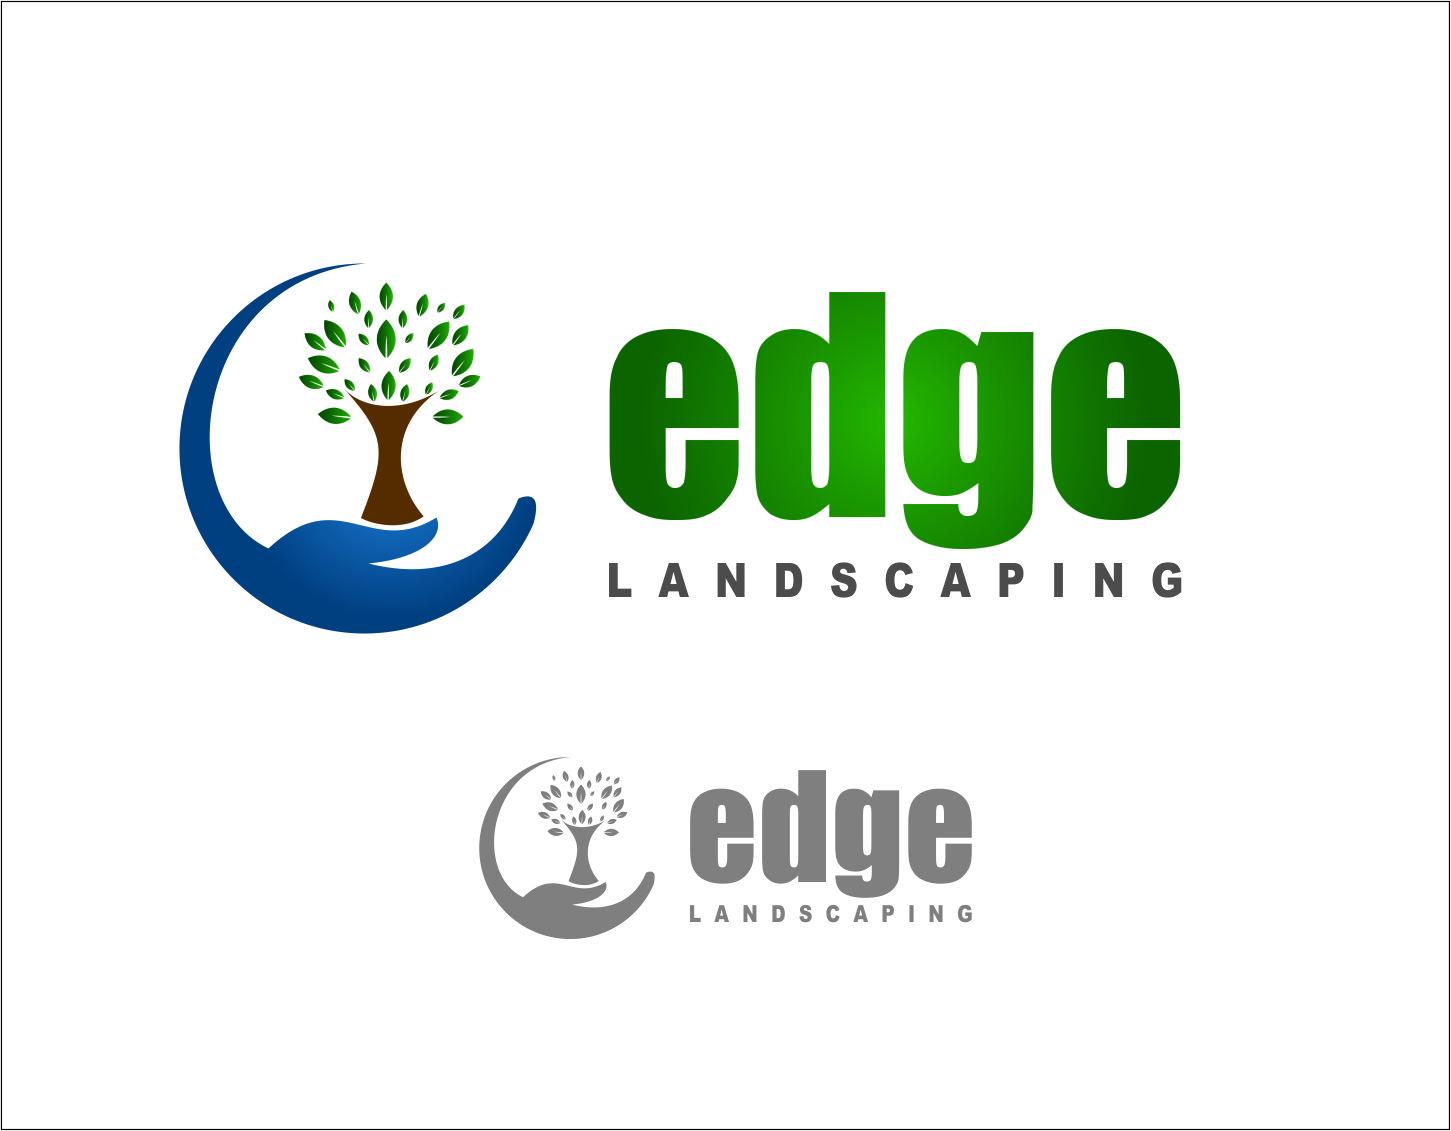 Logo Design by Agus Martoyo - Entry No. 212 in the Logo Design Contest Inspiring Logo Design for Edge Landscaping.